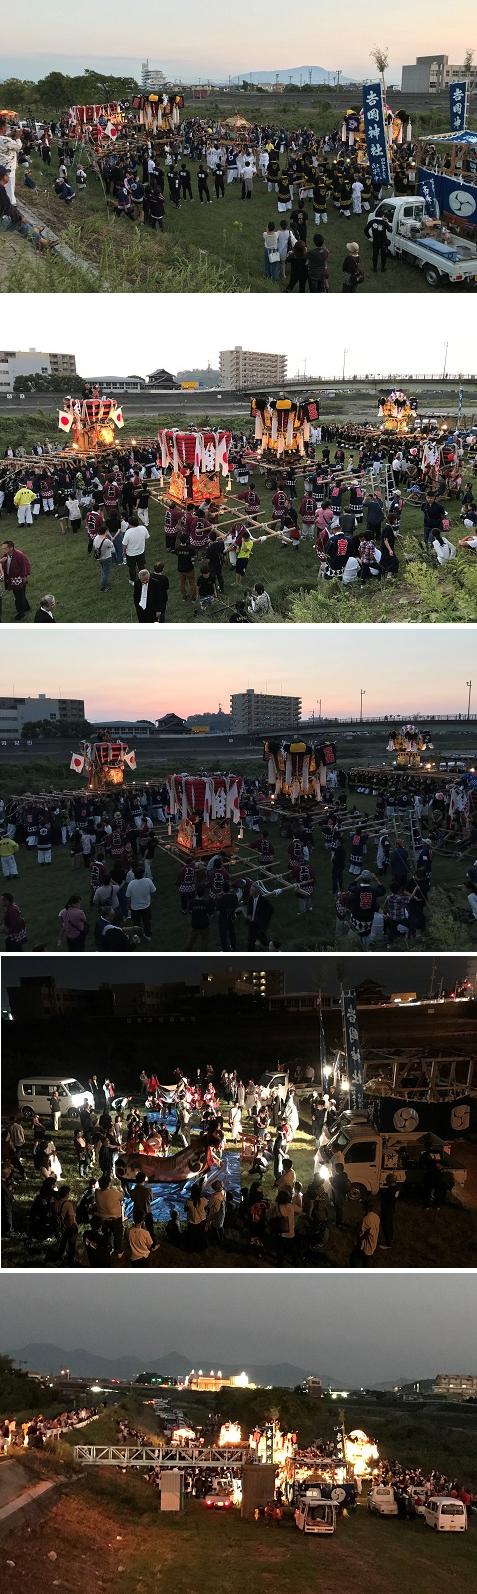 20171009吉岡神社秋祭り